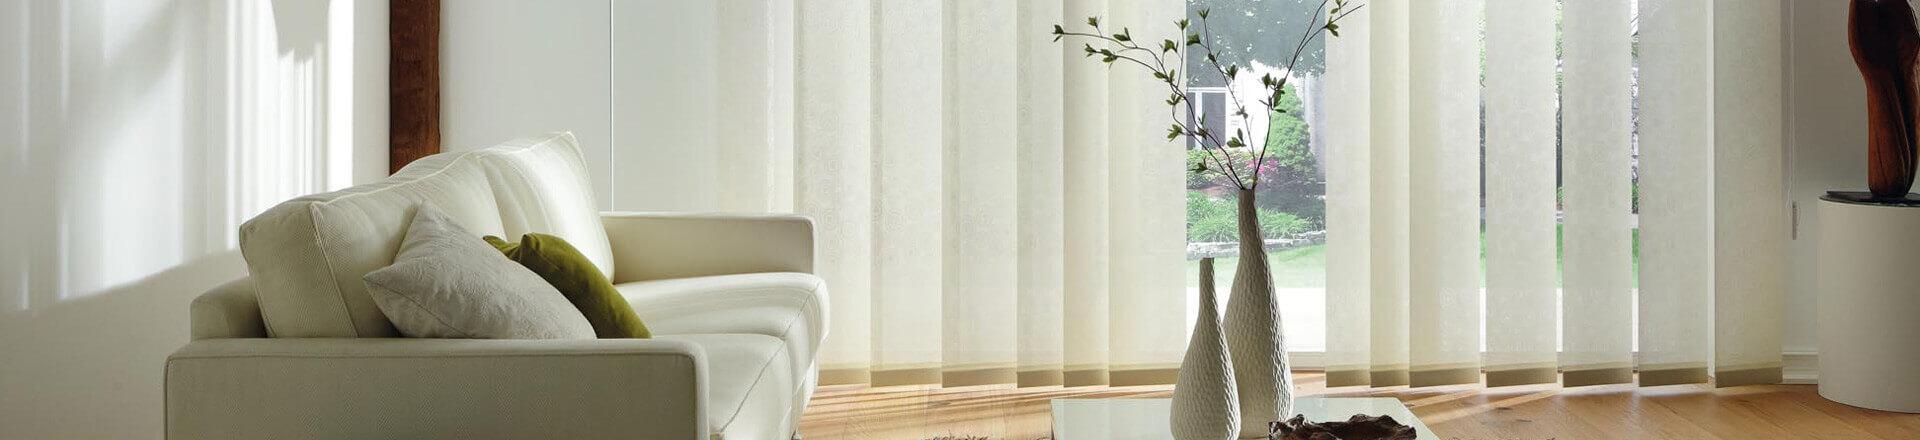 Sonnen- und Sichtschutz für Innen - Weitere Informationen finden Sie hier